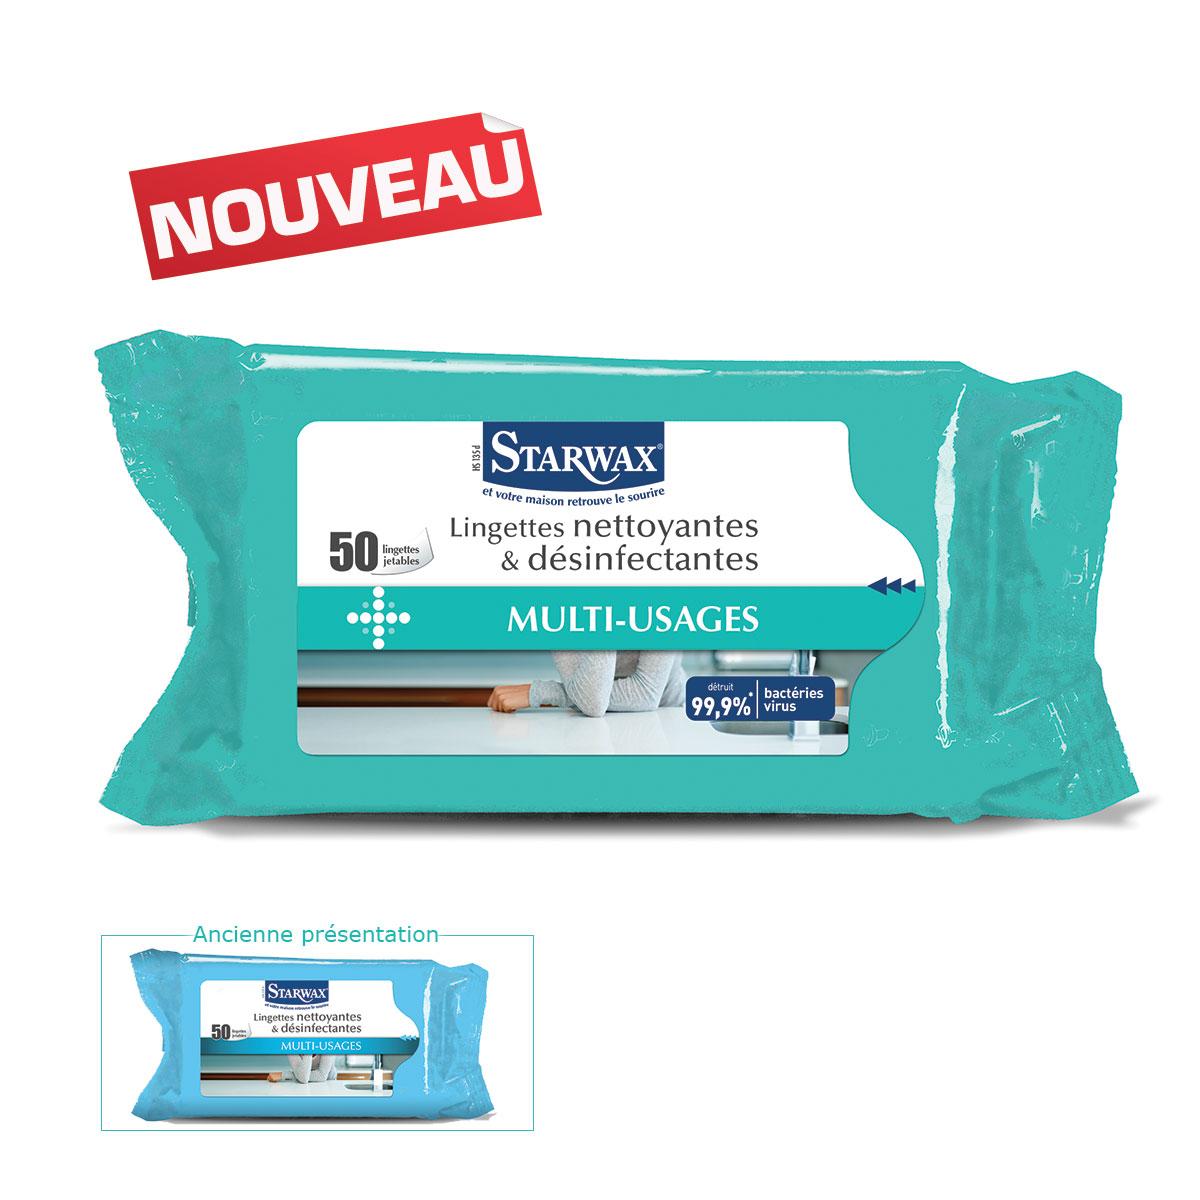 Lingettes nettoyantes désinfectantes - Starwax